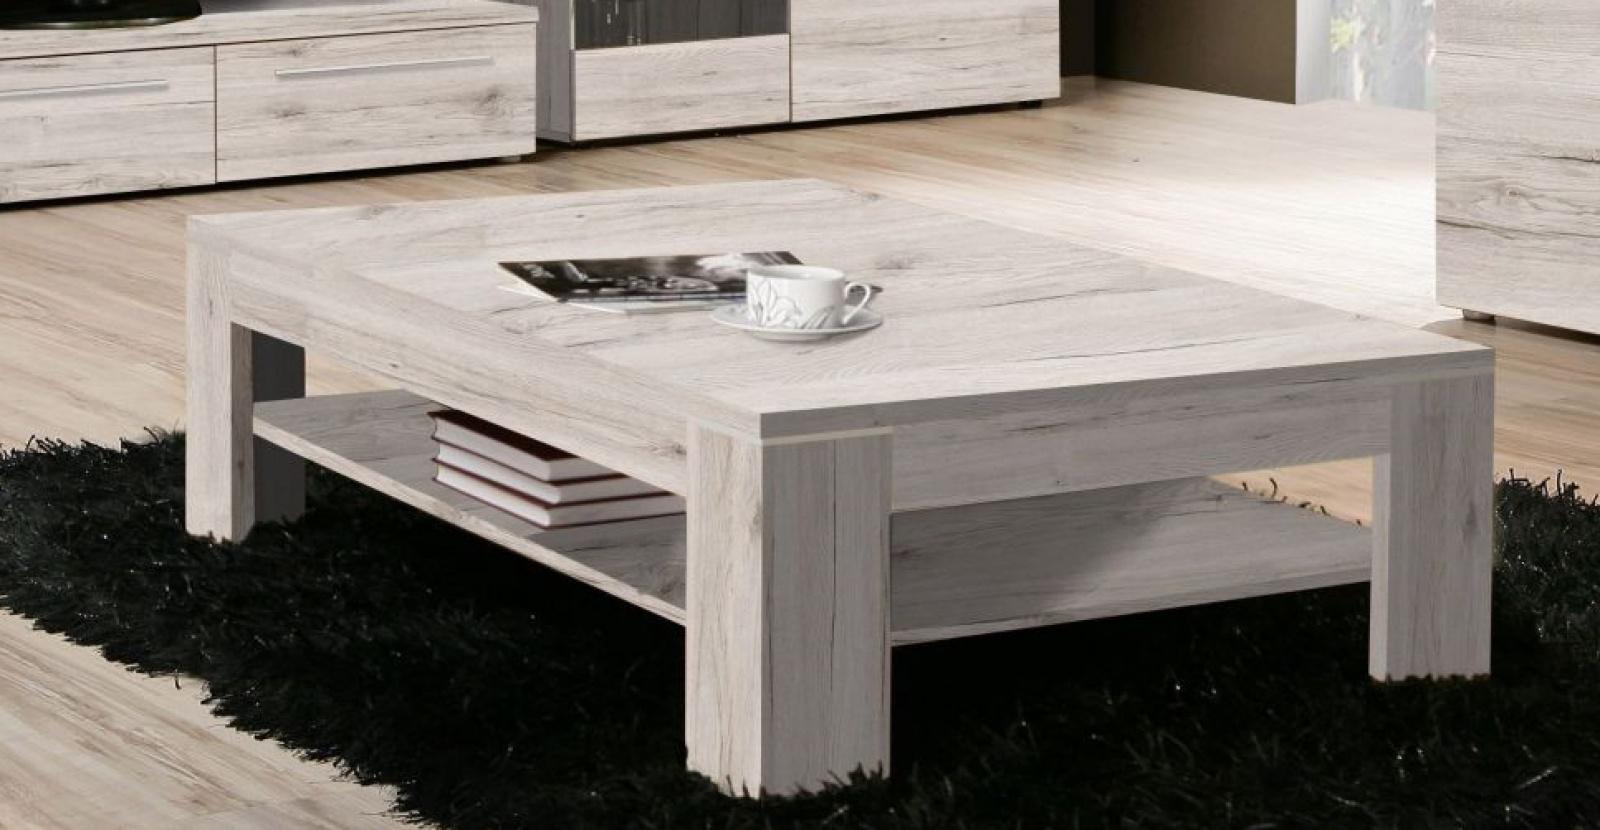 wohnwand mit beleuchtung emily 6 teilig in sandeiche kaufen bei m bel lux. Black Bedroom Furniture Sets. Home Design Ideas